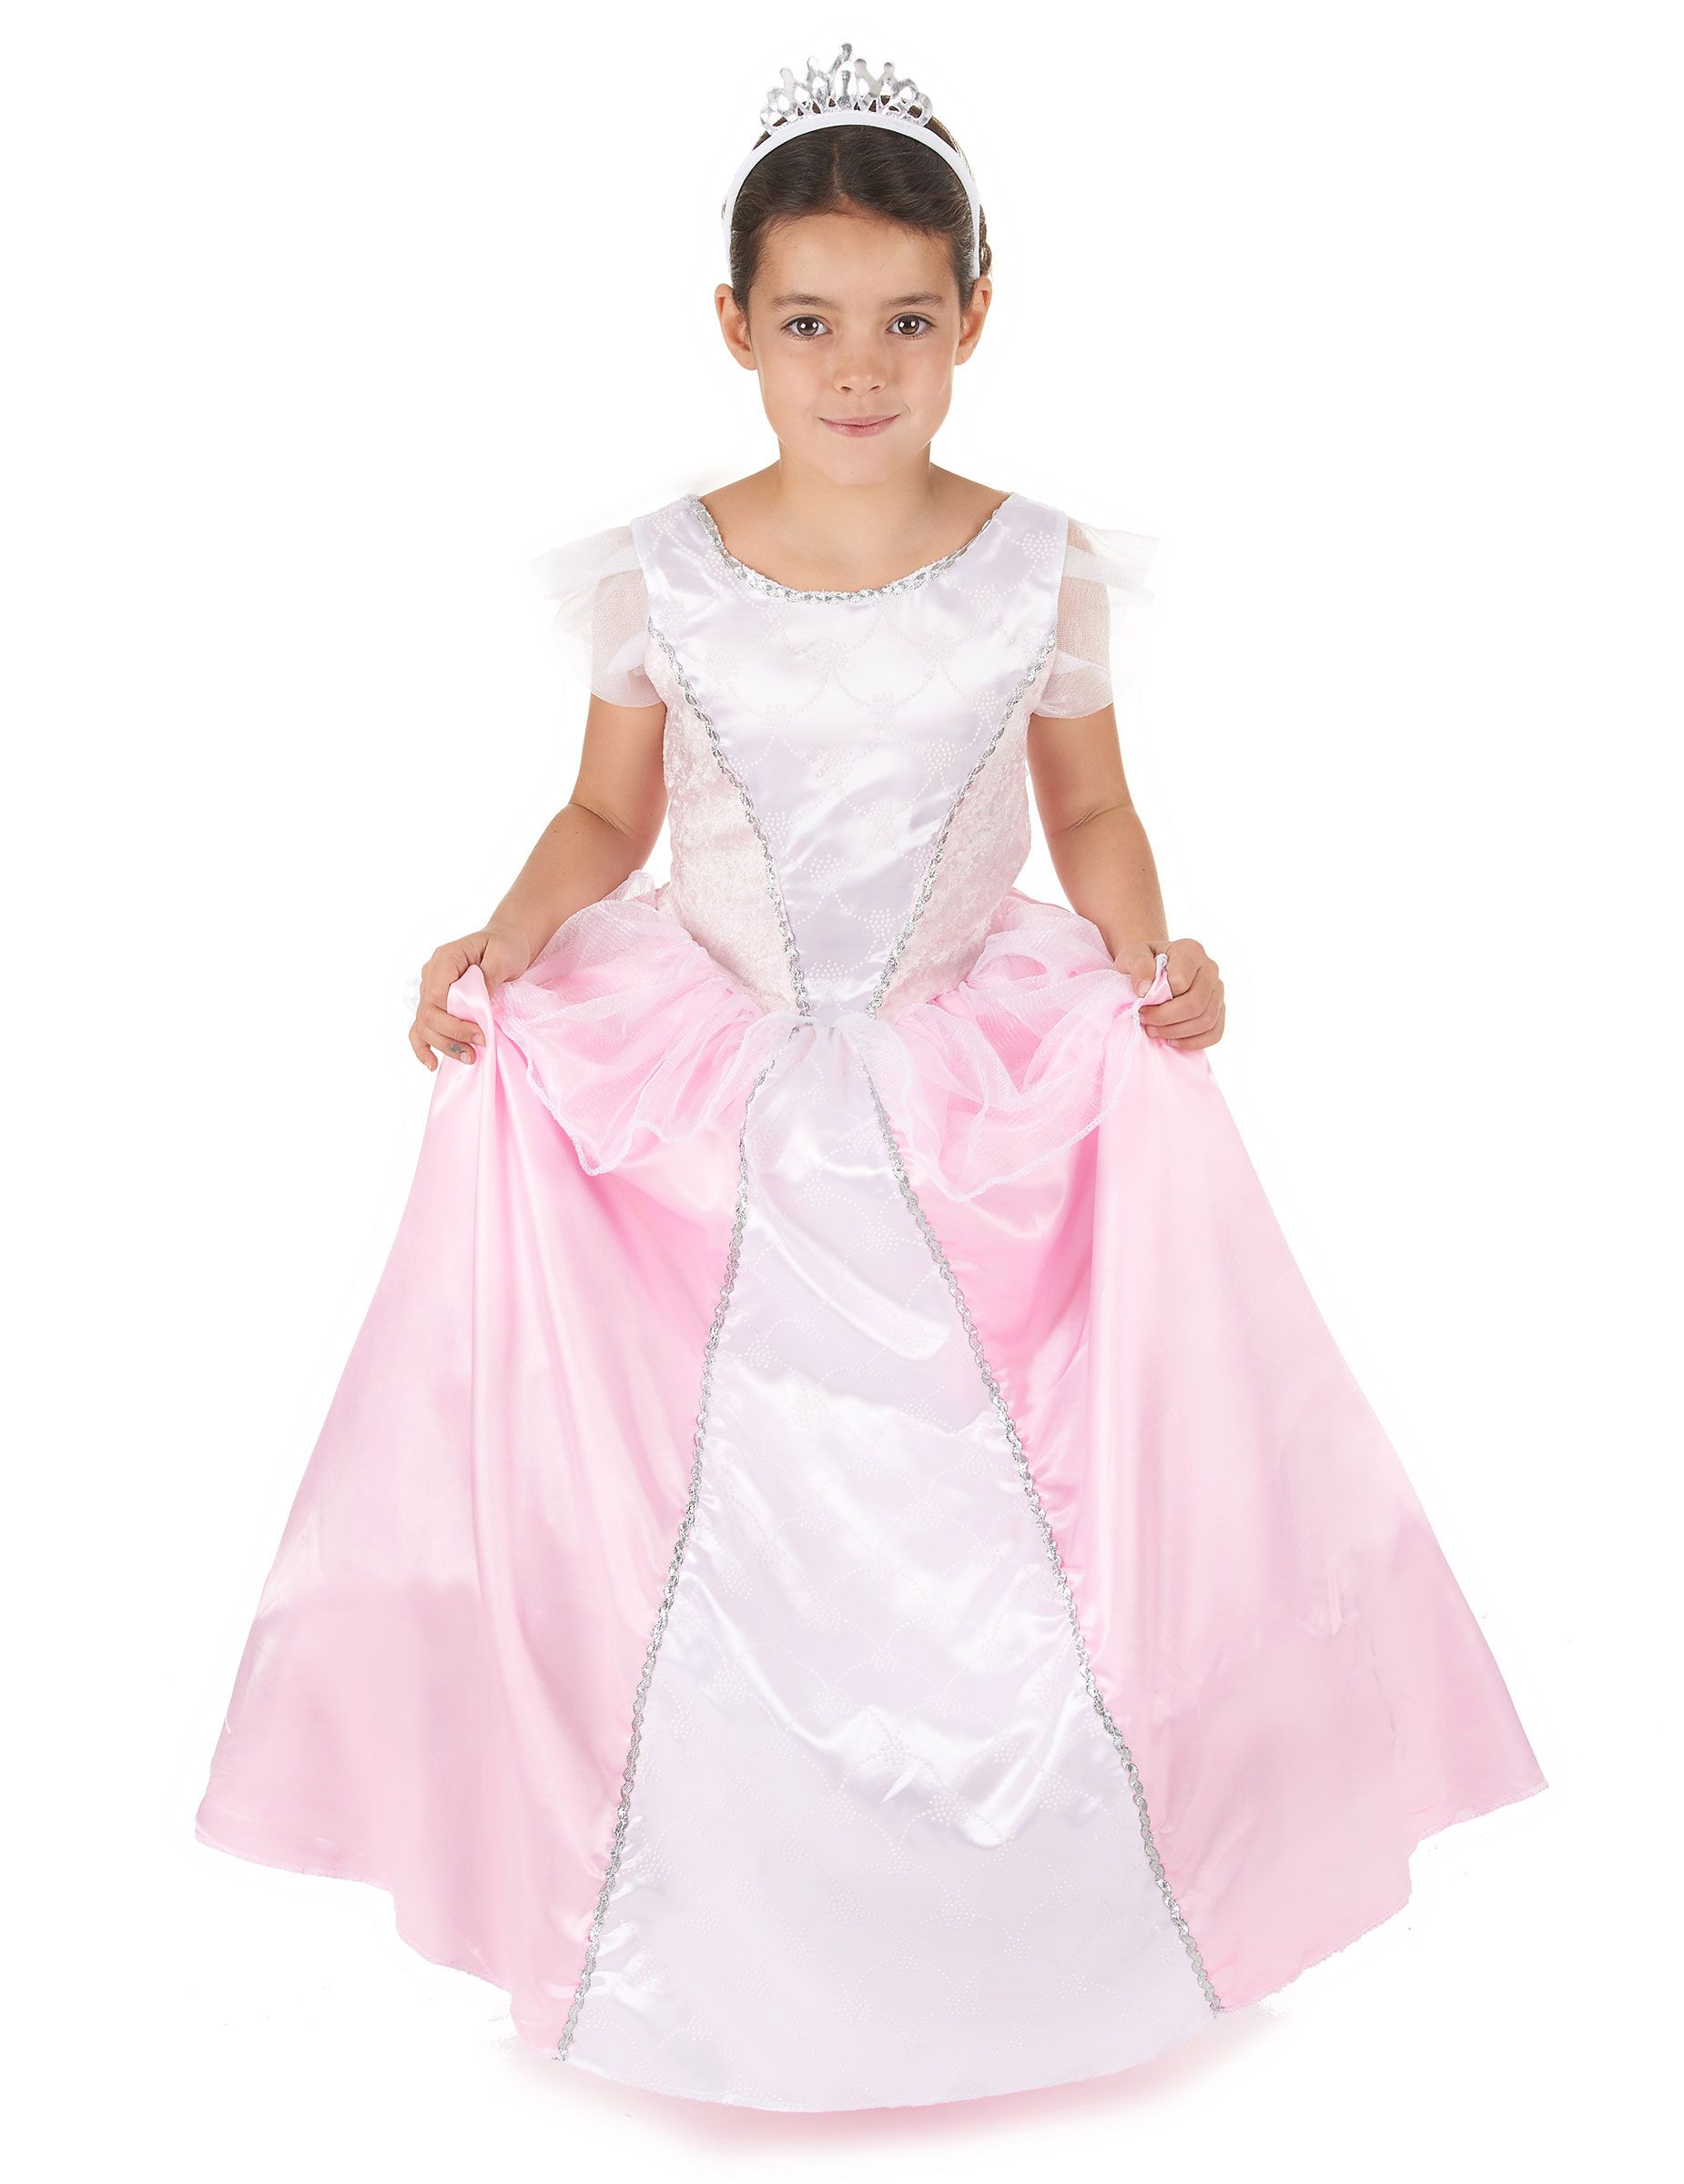 Disfraz princesa niña rosa y blanco | Pinterest | Disfraz princesa ...